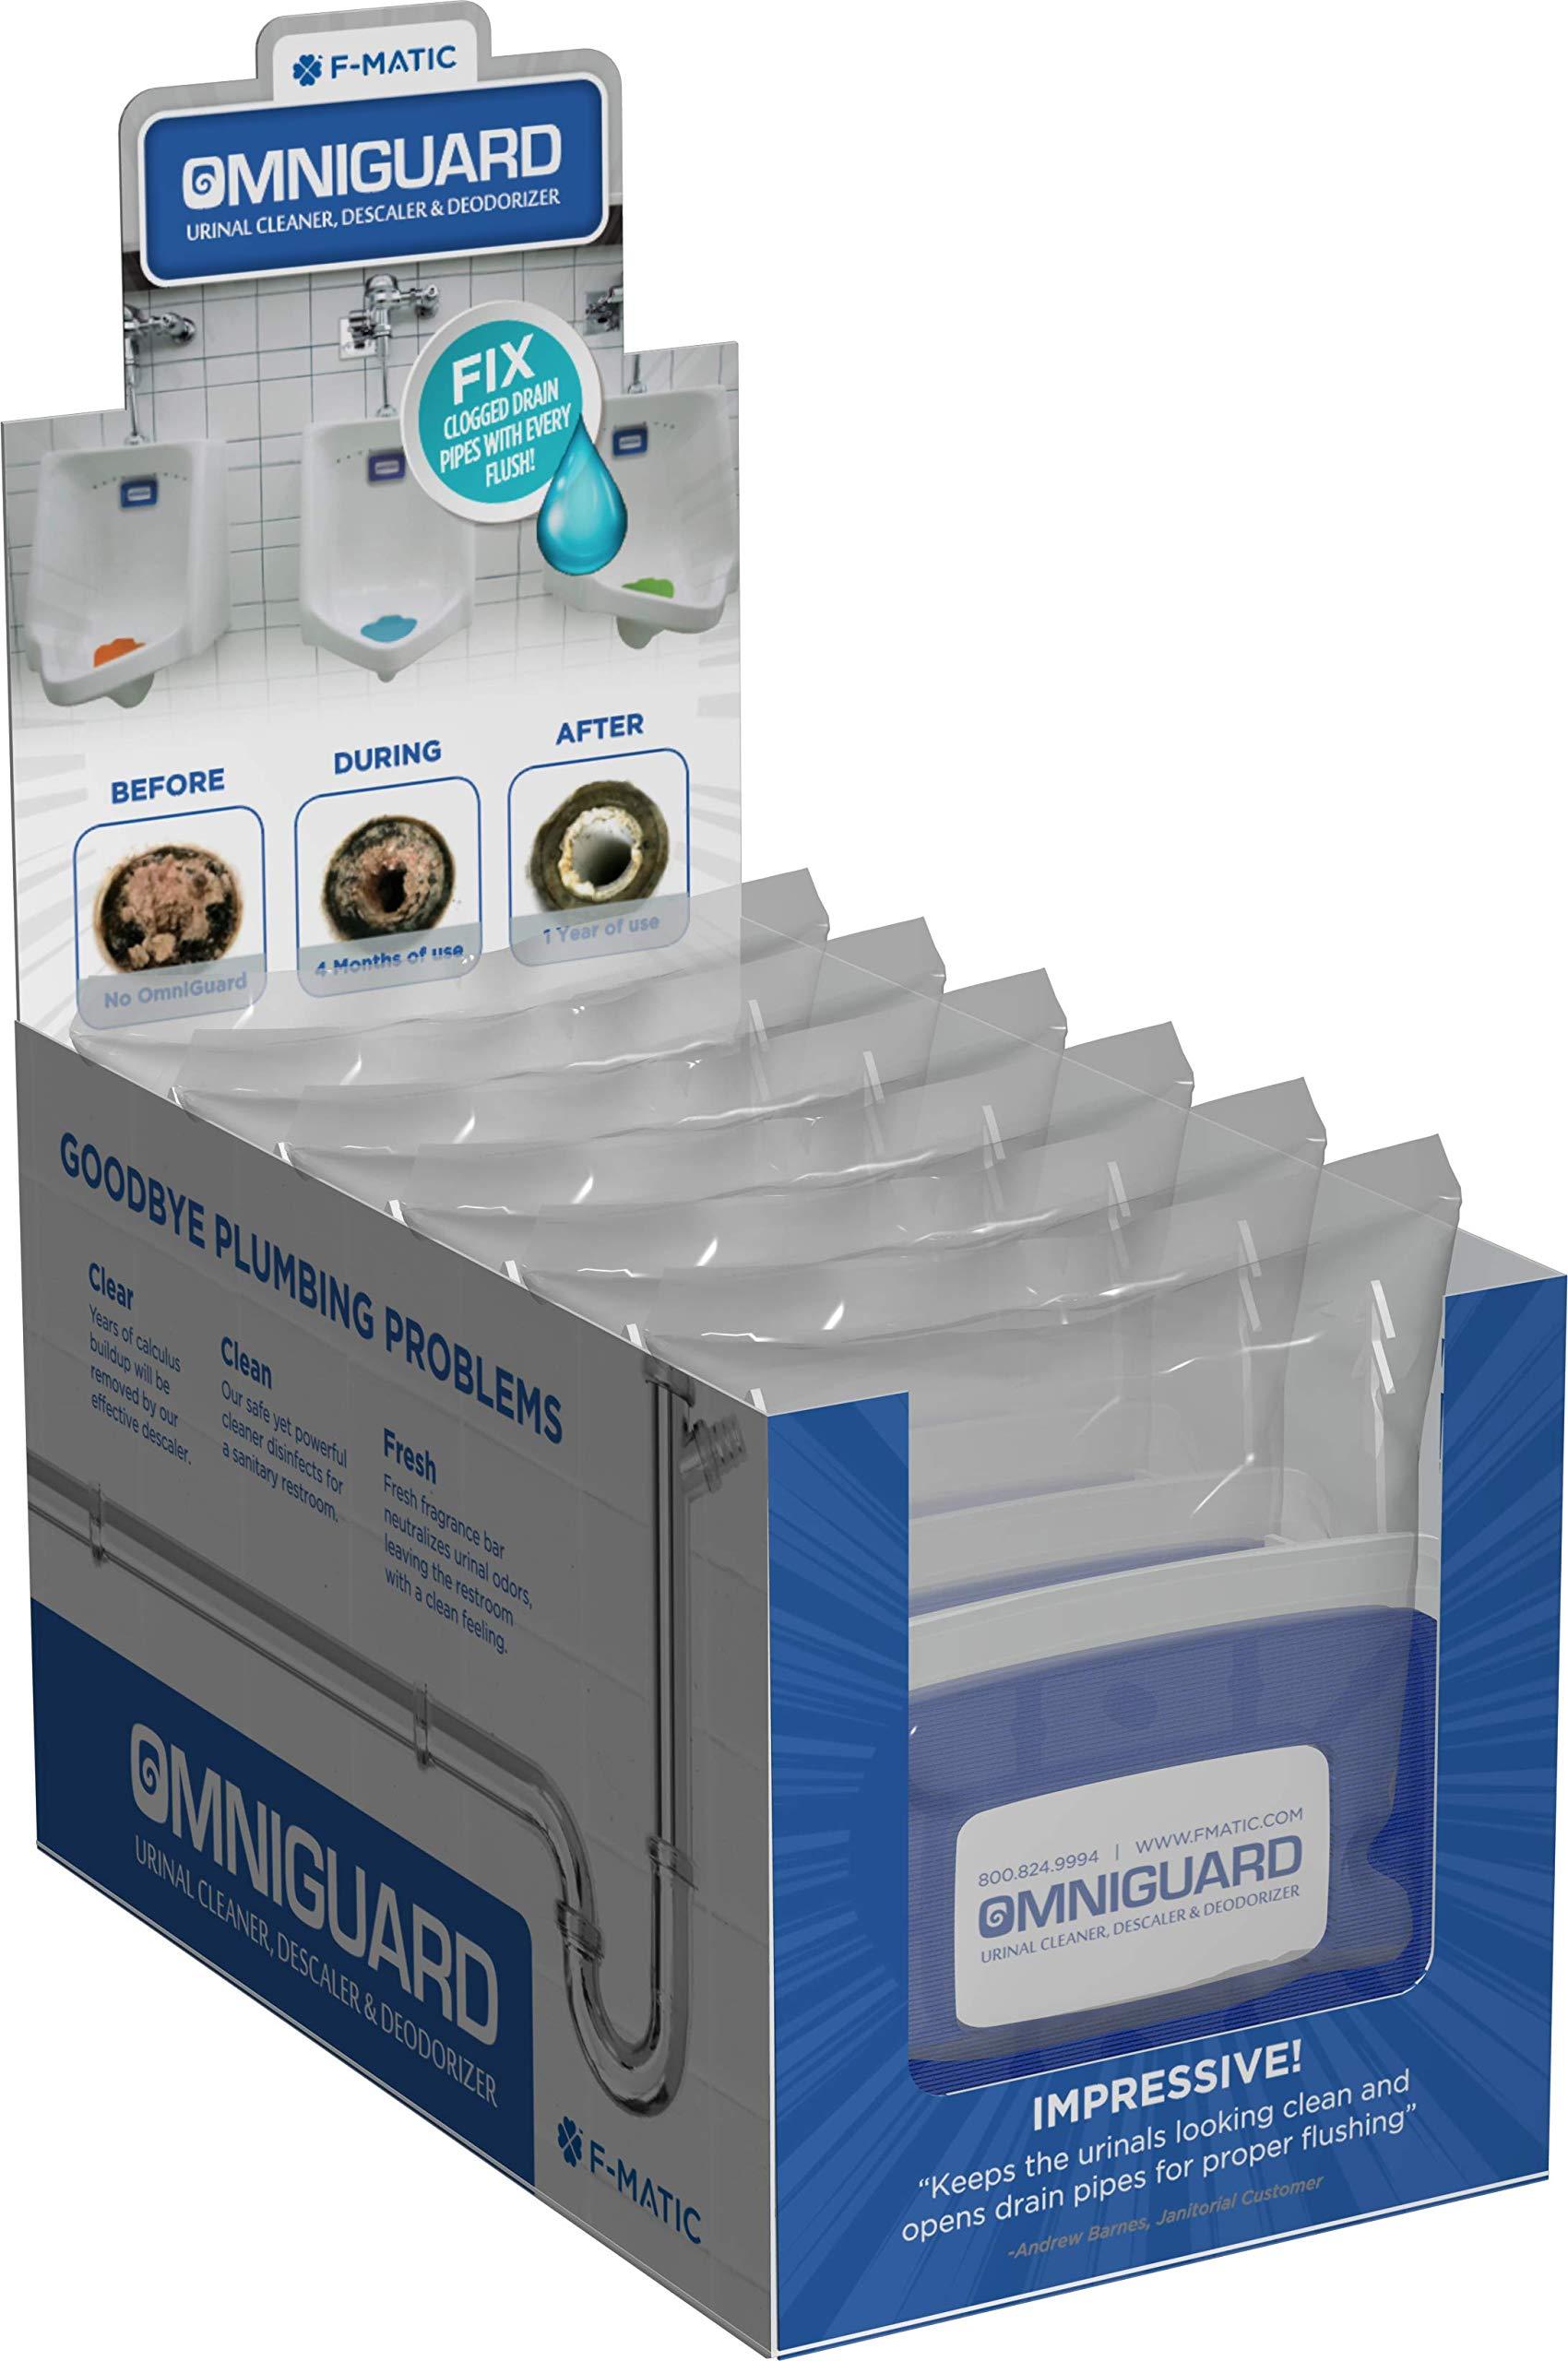 F-Matic FM02-30K-2 OmniGuard Store 2 Kit (Box of 6)